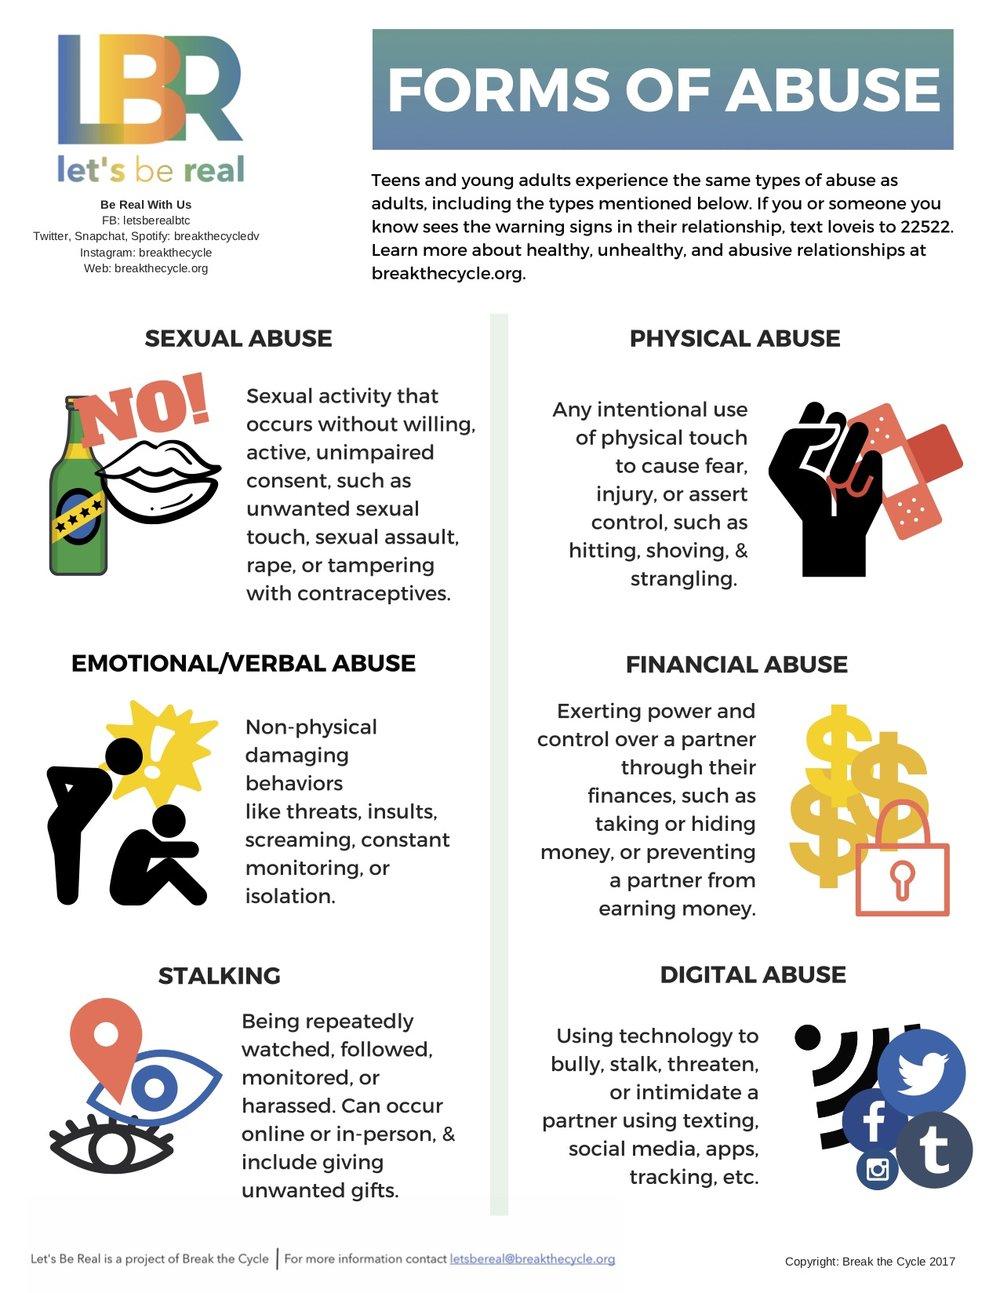 Forms of Abuse_en.jpg